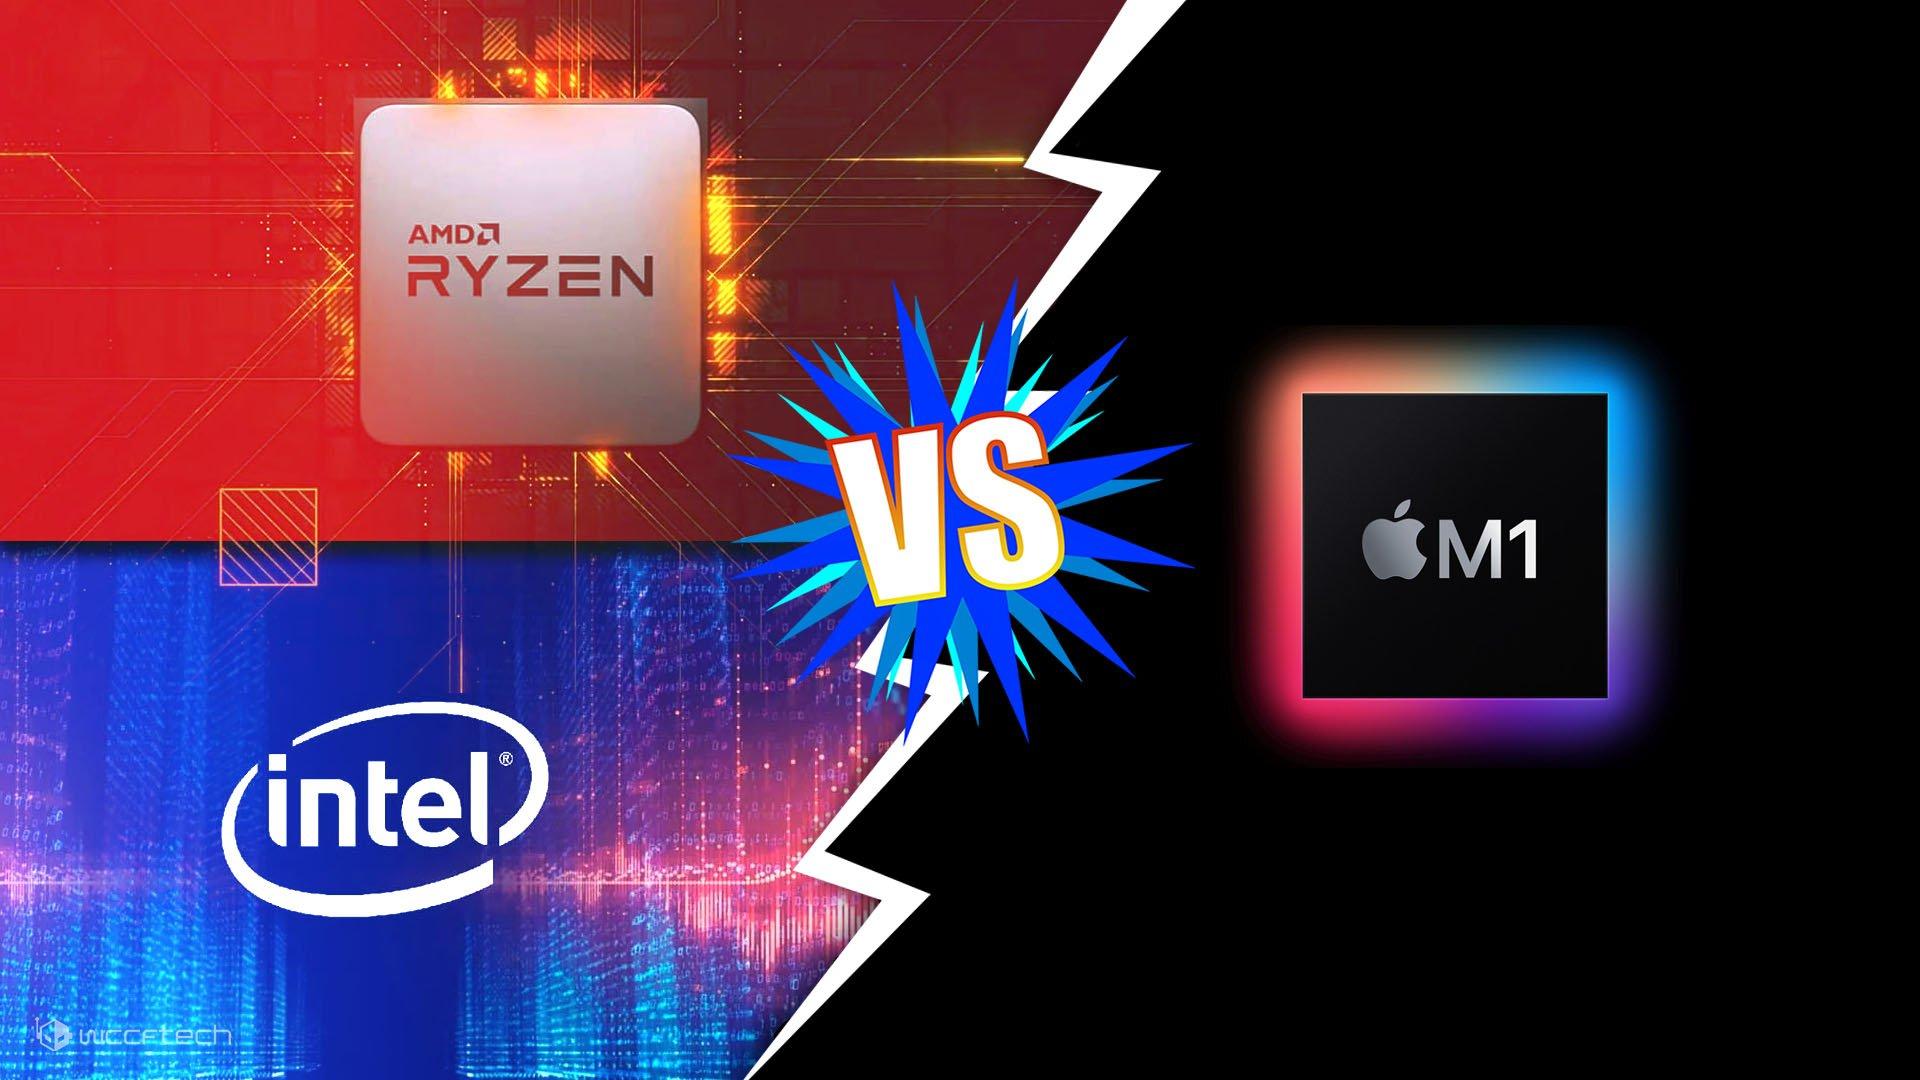 Đế chế laptop của Intel đang bị đe dọa bởi AMD Ryzen và Apple Silicon